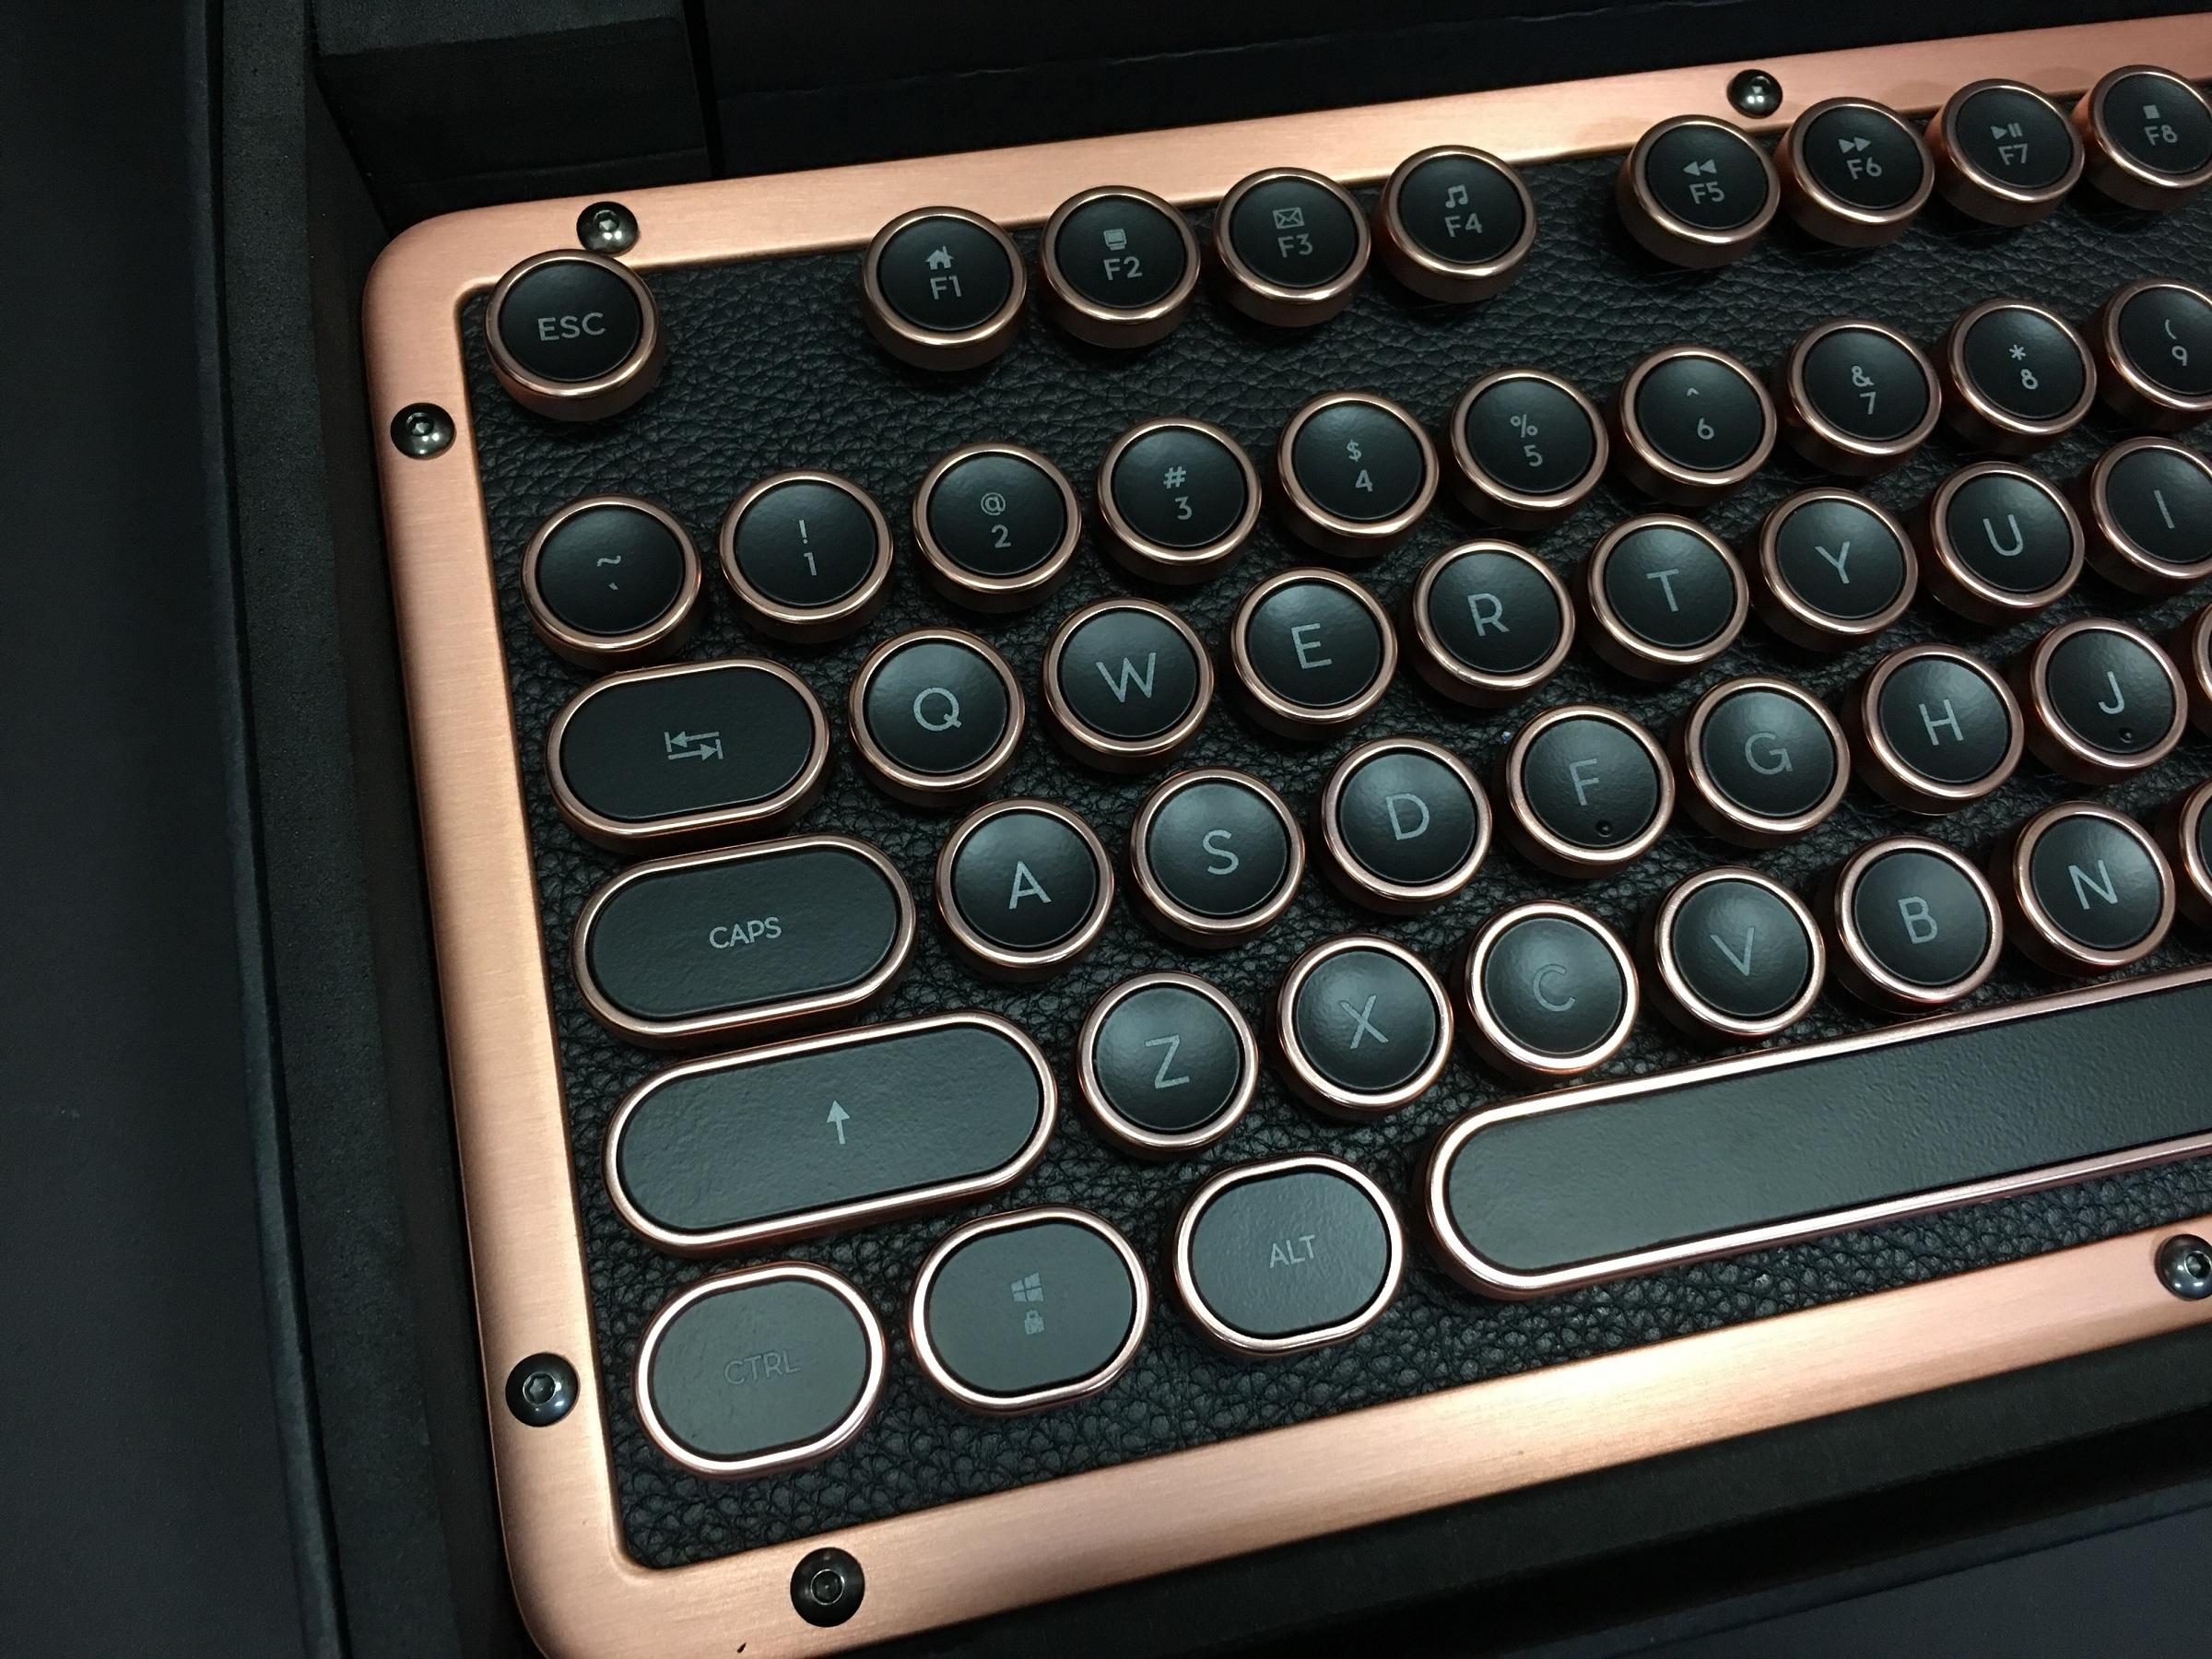 有个木字的1.*�key�N���Y��yK^[�_指示灯标示n(numberlock),c(capslock),s(scrolllock),w(windowskey